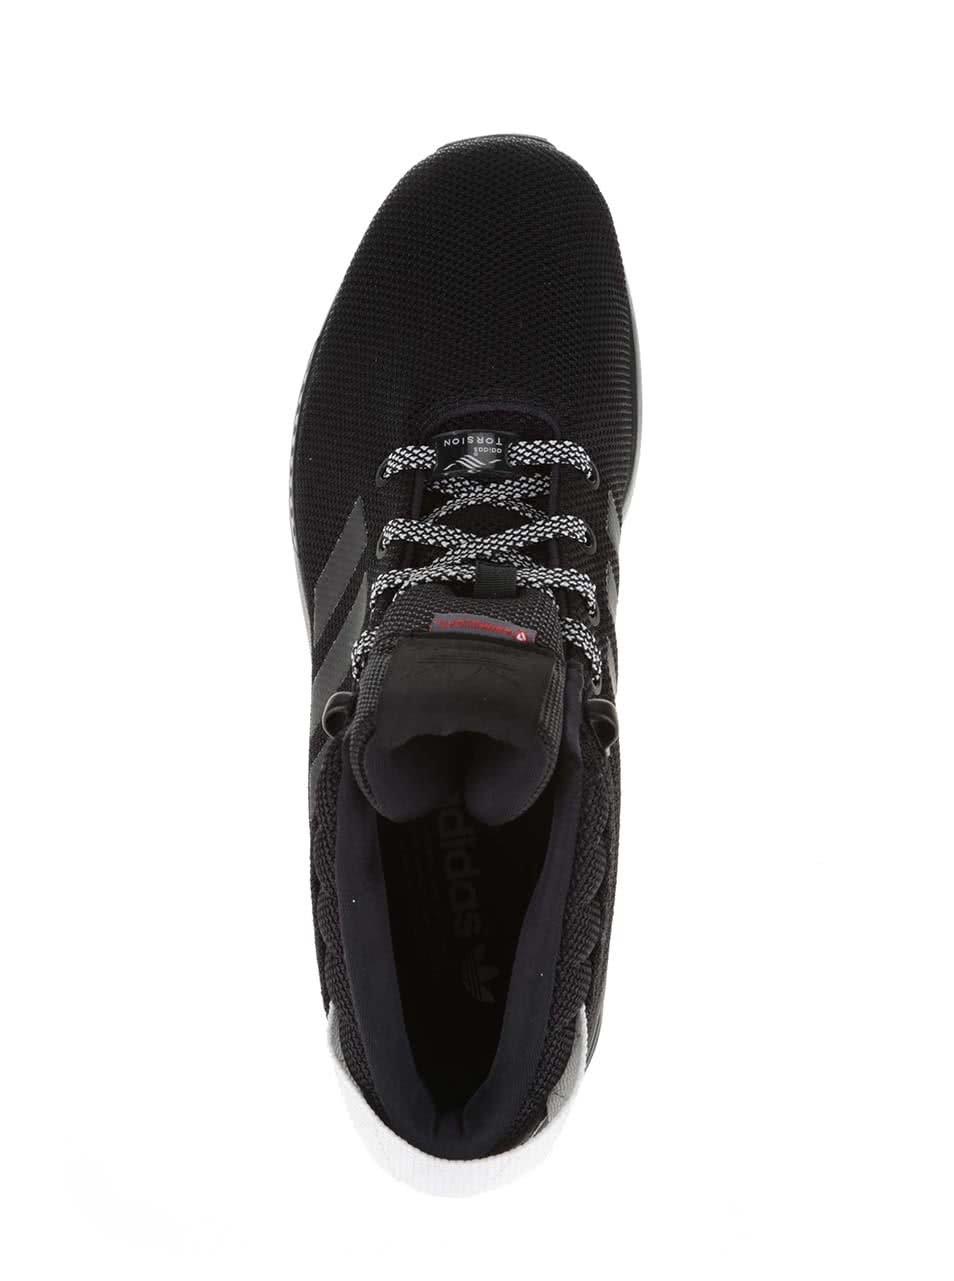 96ee321bd88 Černé pánské kotníkové tenisky adidas Originals ZX Flux 5 8 ...